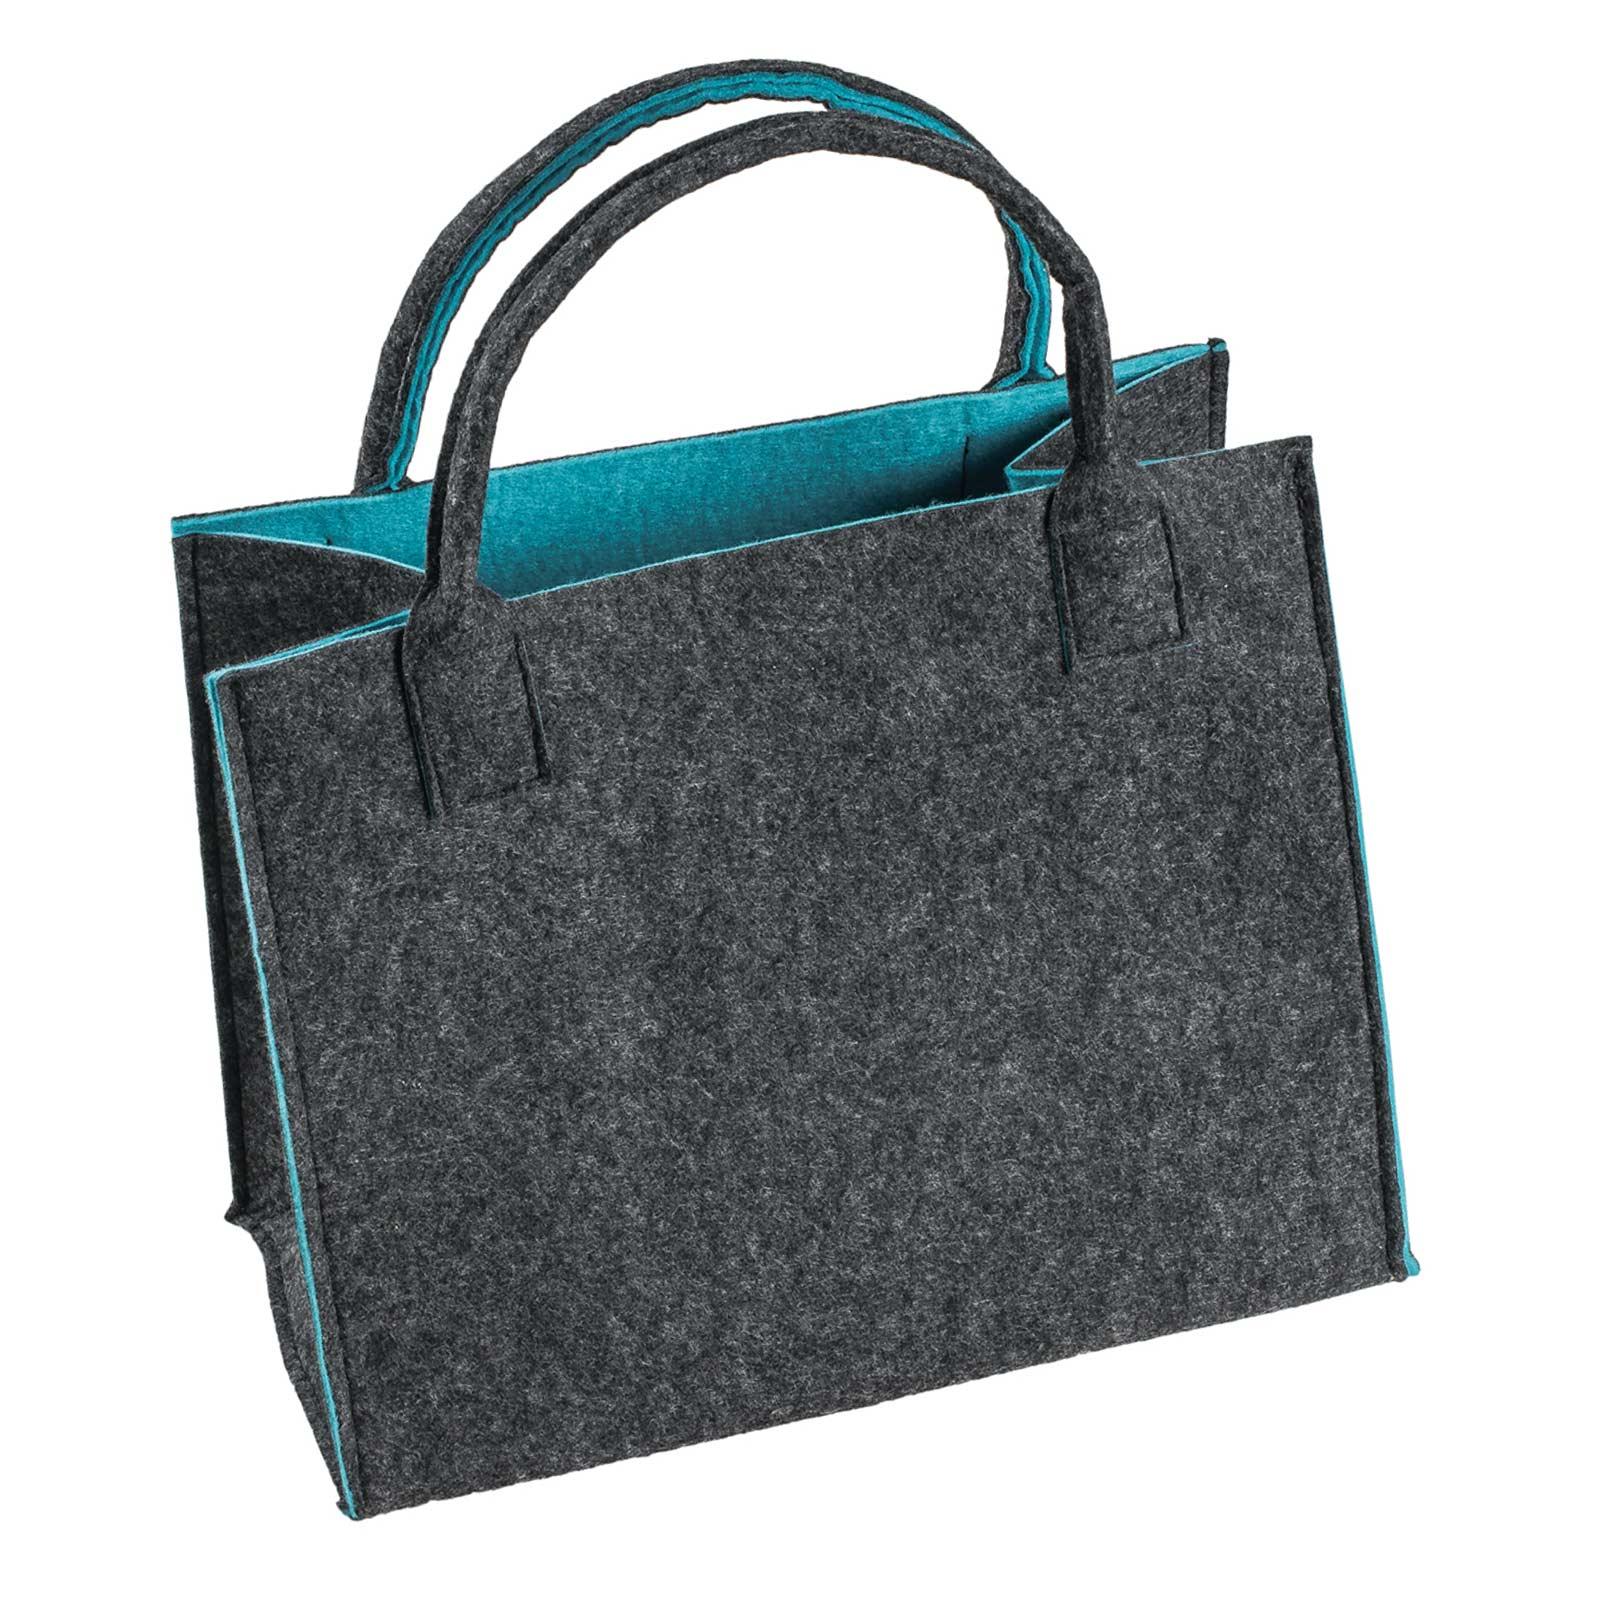 Filztasche 35x20x43cm Einkaufstasche Handtasche Shopper 2-farbig o. Motiv – Bild 7